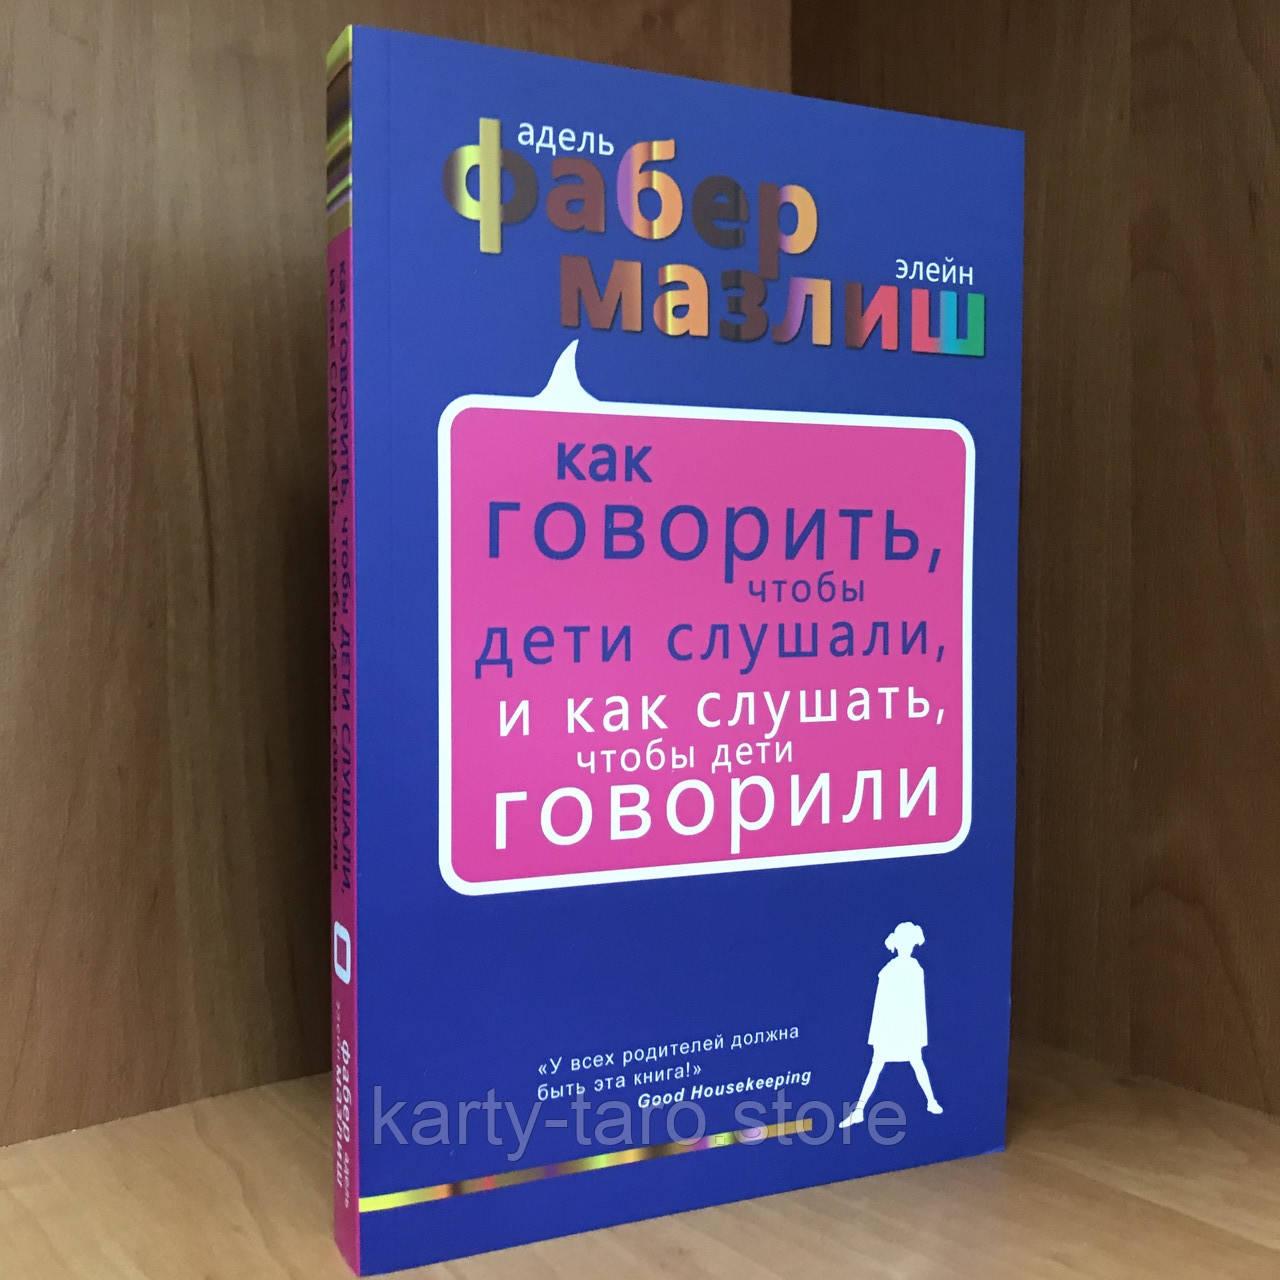 Книга Как говорить, чтобы дети слушали, и как слушать, чтобы дети говорили - Адель Фабер, Элейн Мазлиш